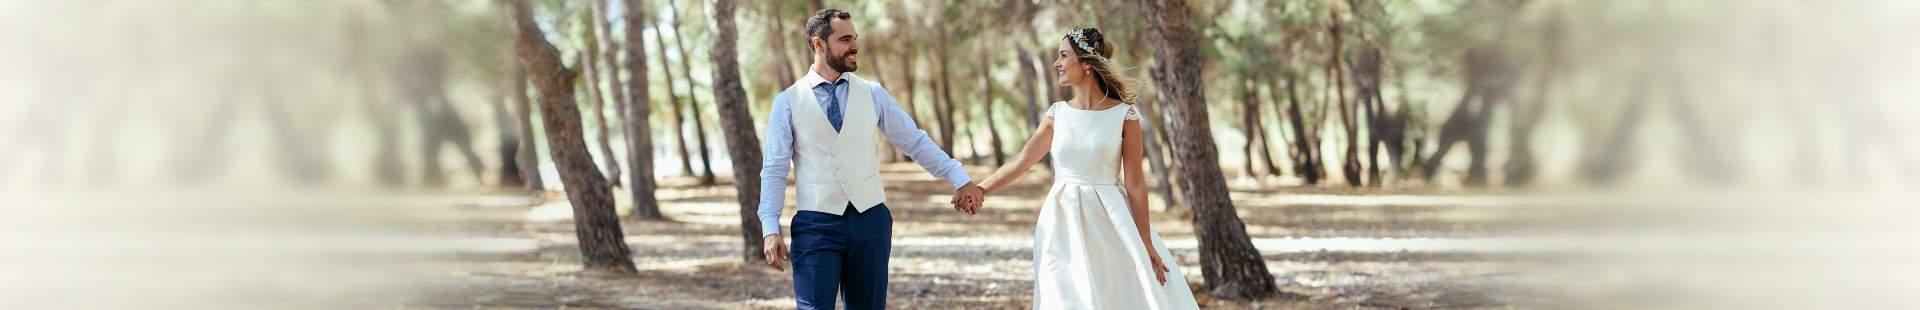 Hochzeit Versicherungen Huk Coburg